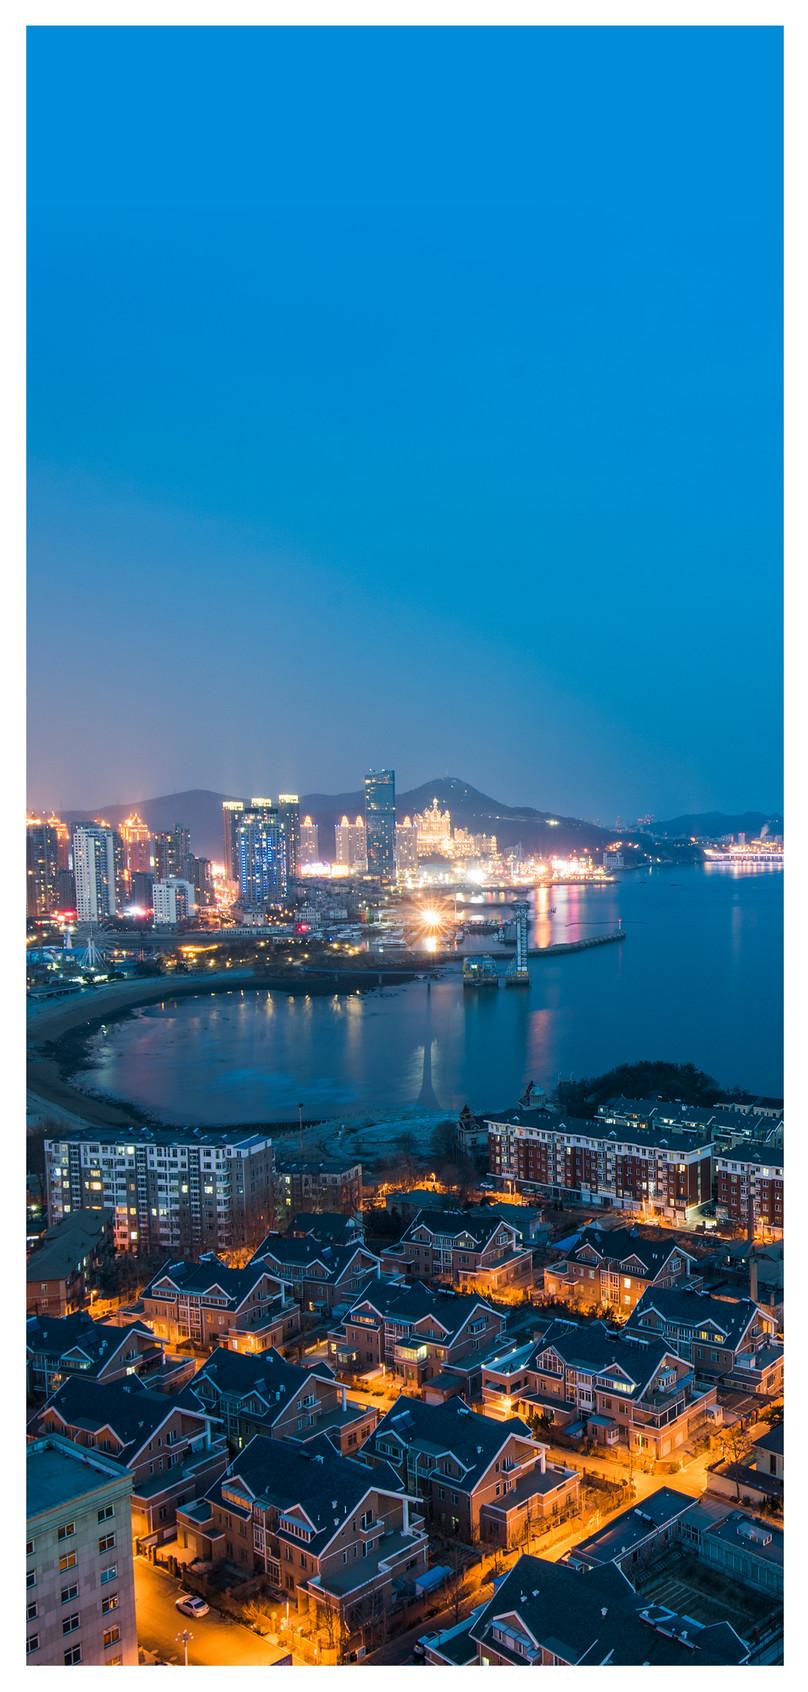 Wallpaper Ponsel Pemandangan Malam Kota Gambar Unduh Gratis